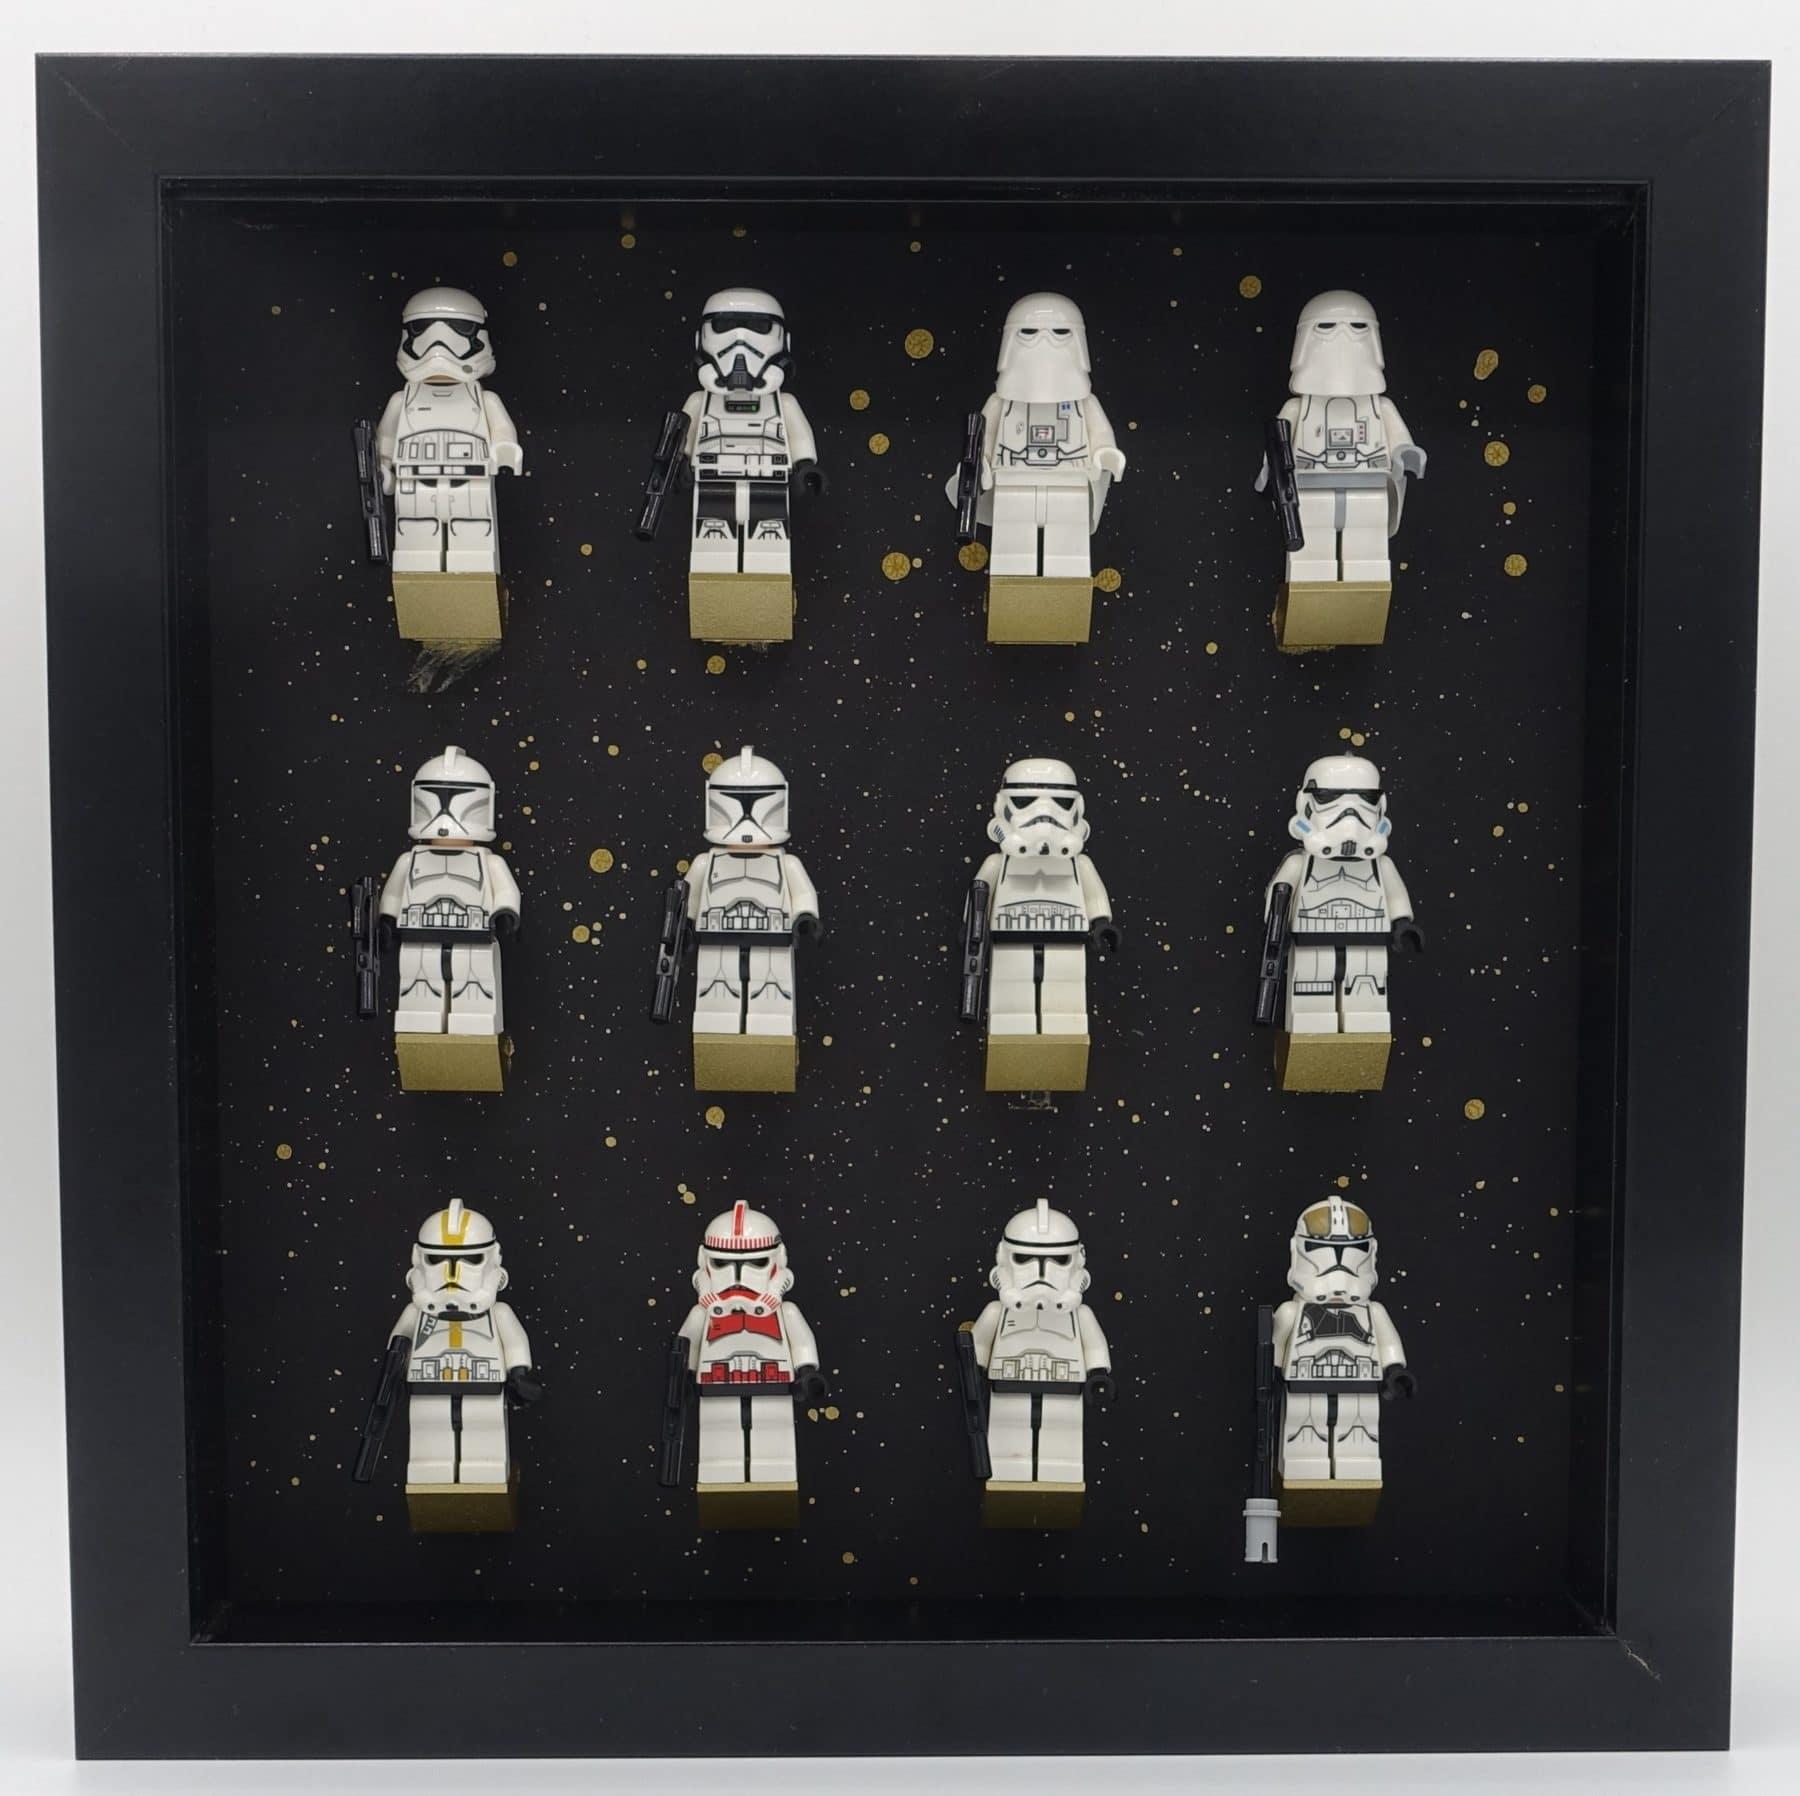 LEGO Star Wars Minifiguren im Bilderrahmen von IKEA